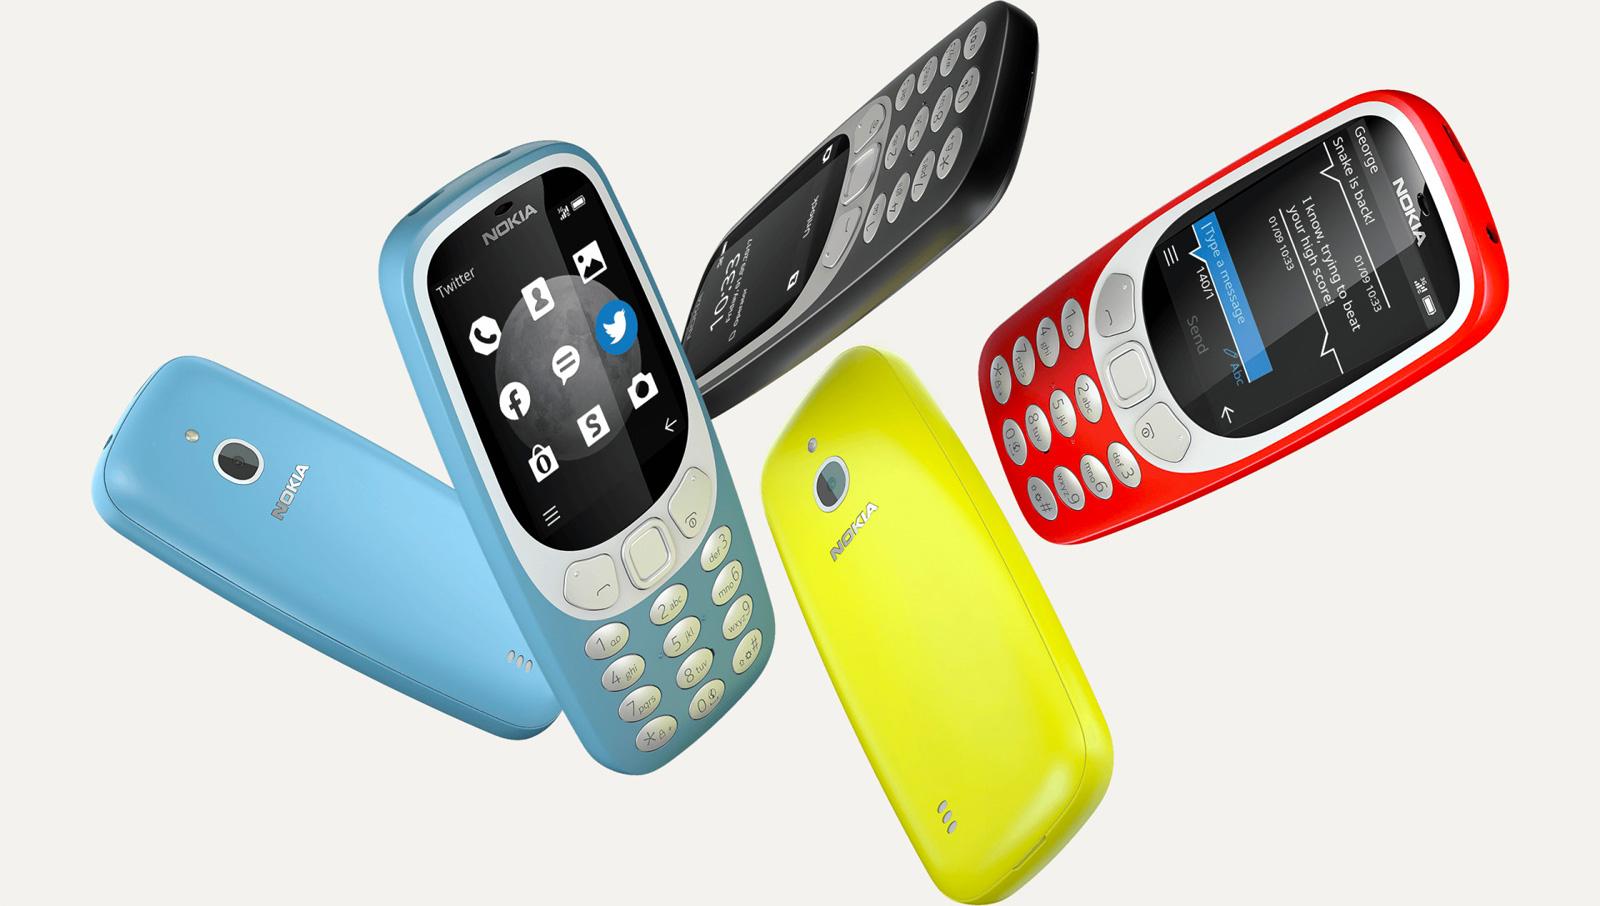 Nokia vuelve a reinventar el 3310 regalándole conexión 3G